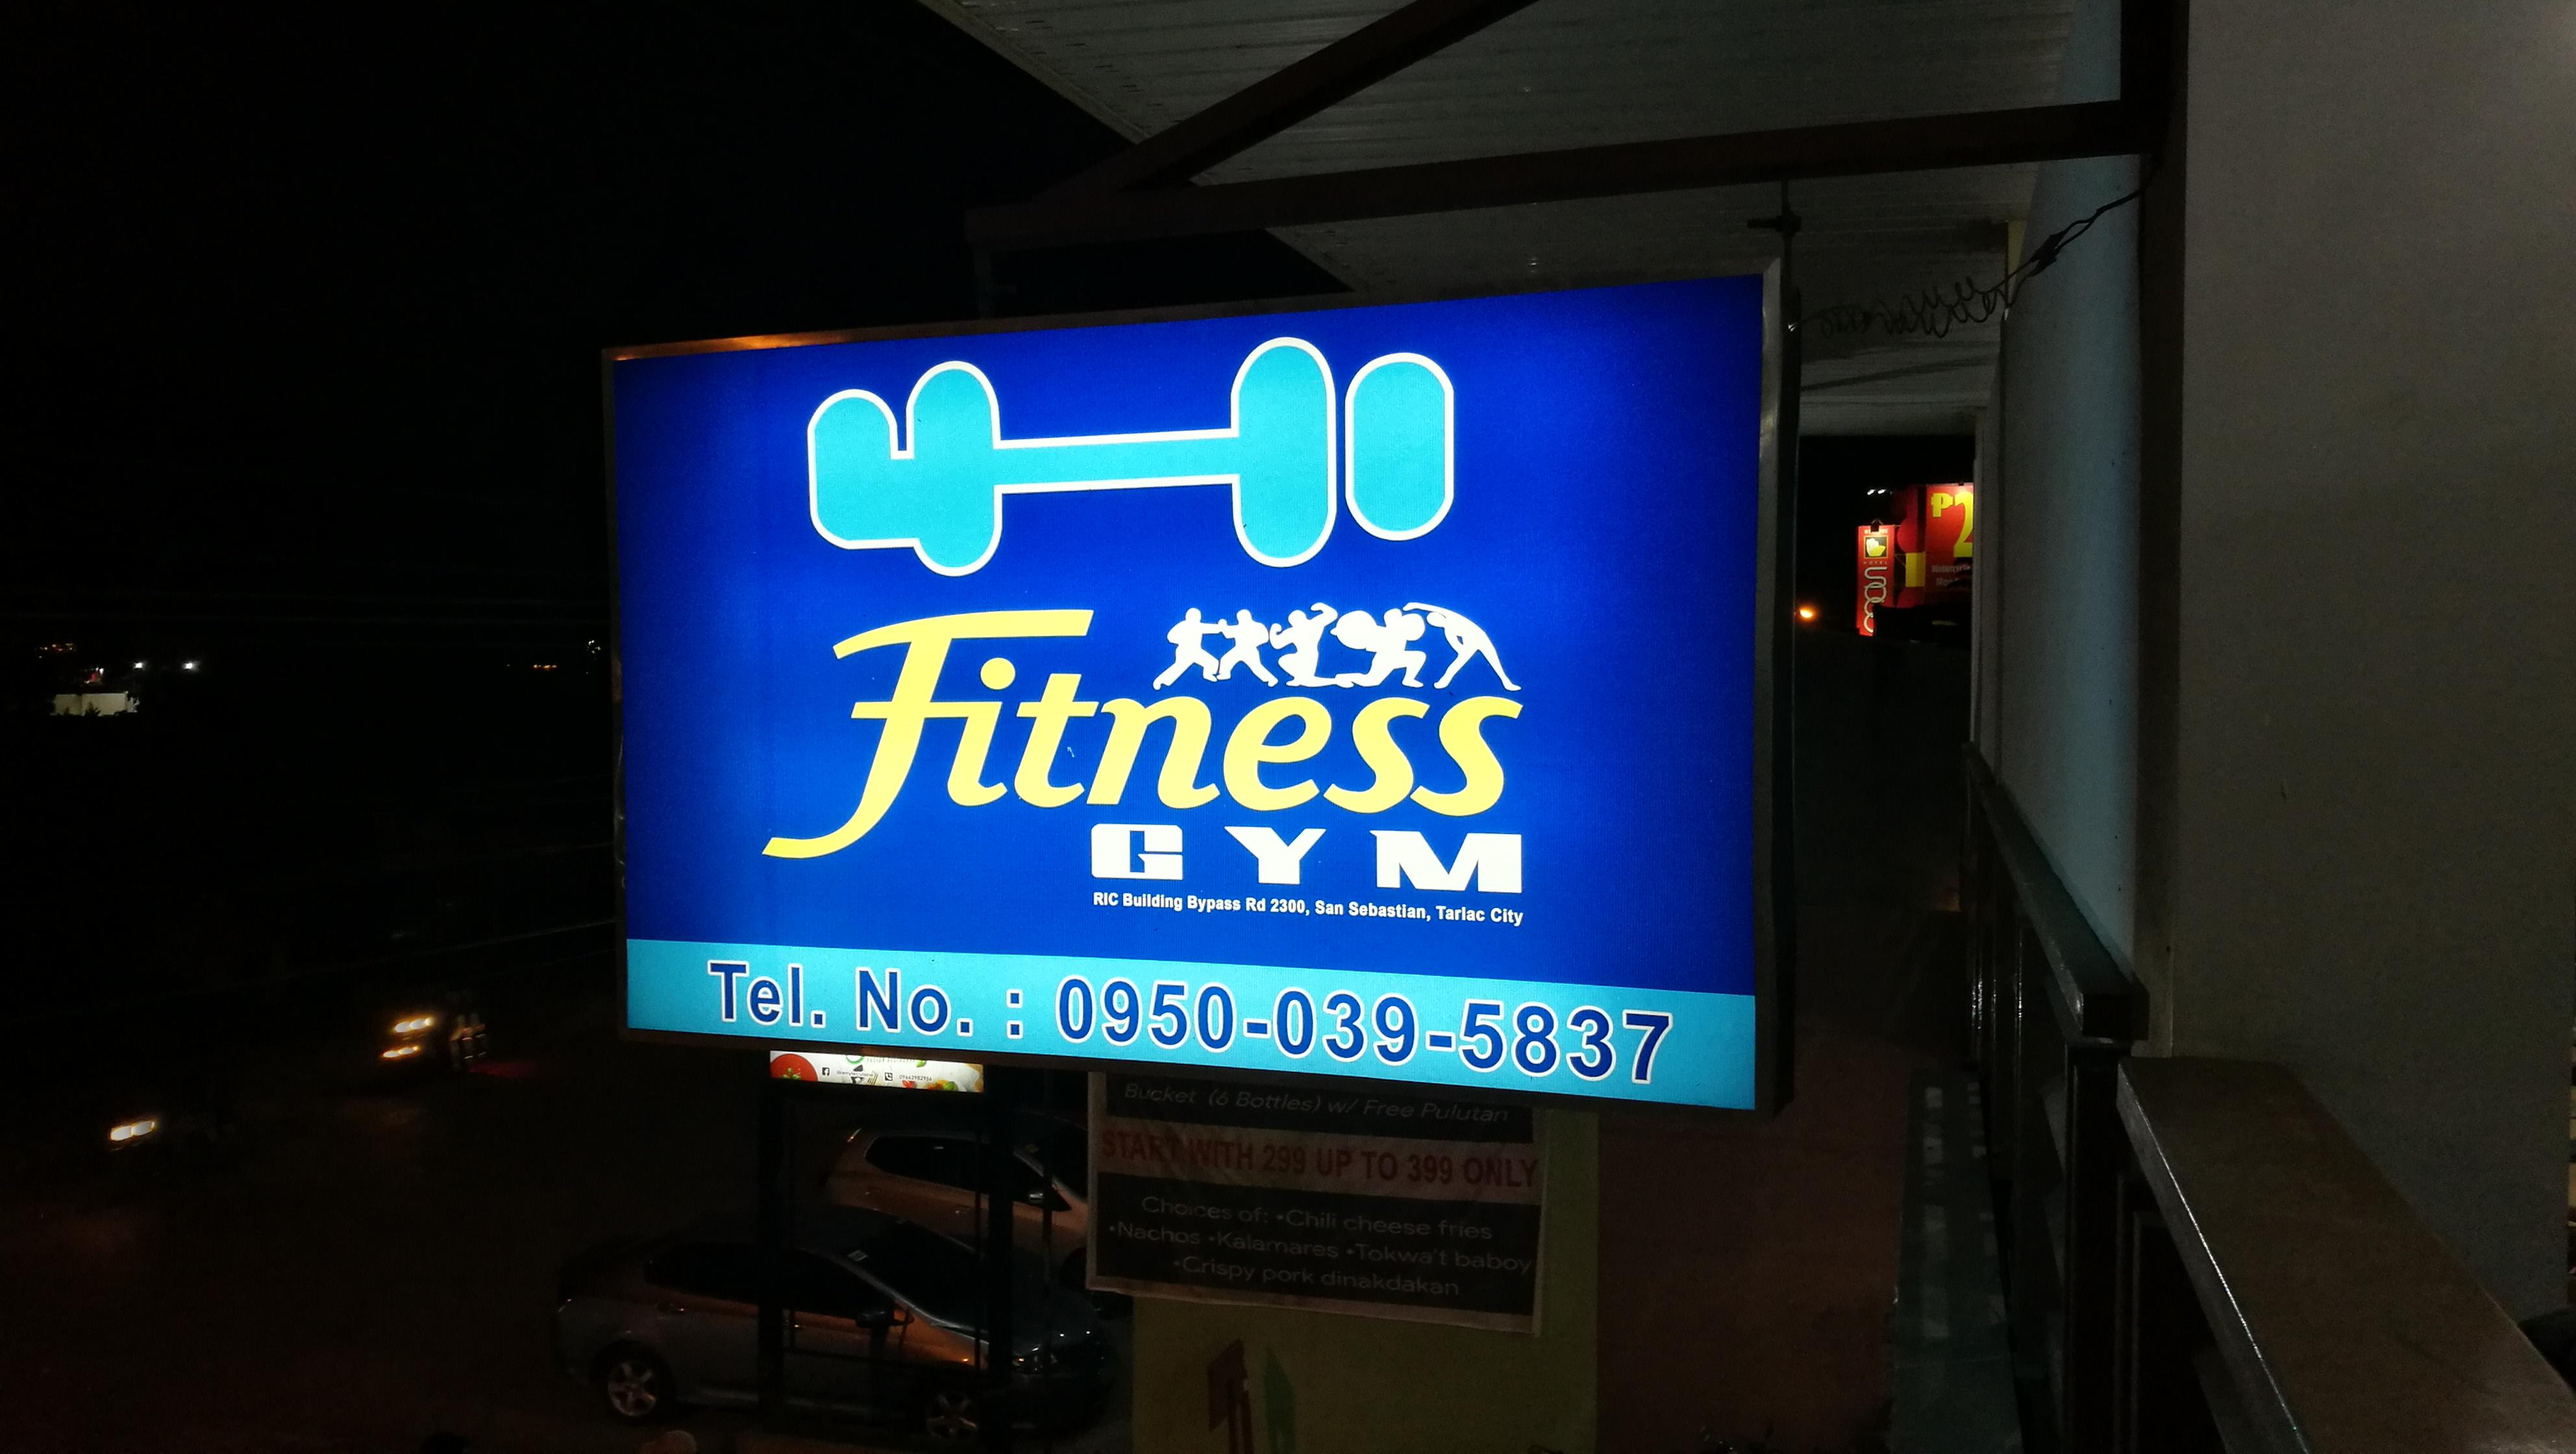 カリスマインストラクターのいる4-11 Fitness Gym